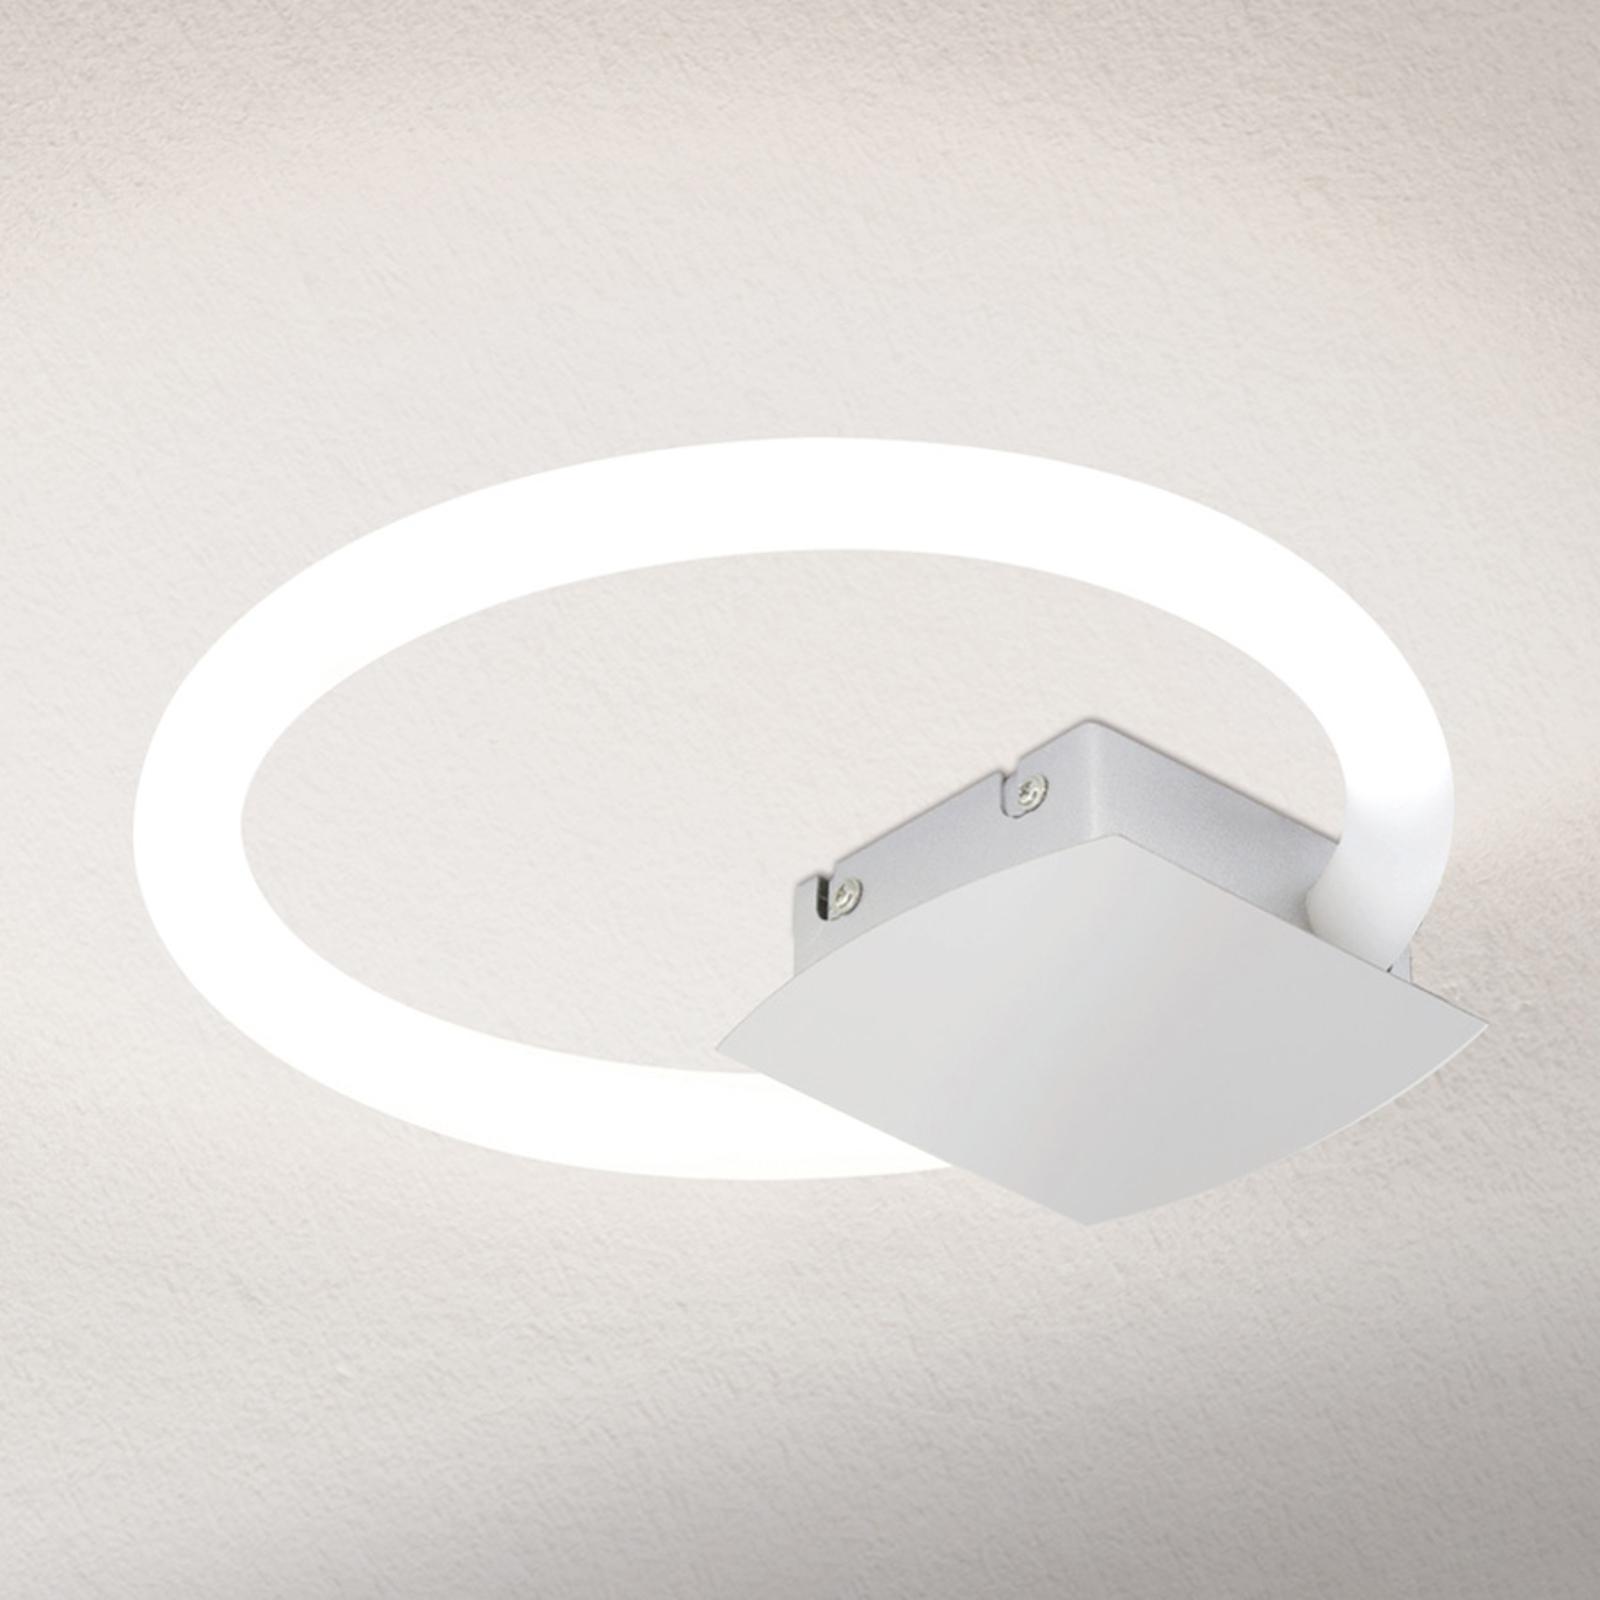 Plafonnier LED Karlsson en forme d'anneau, 26cm